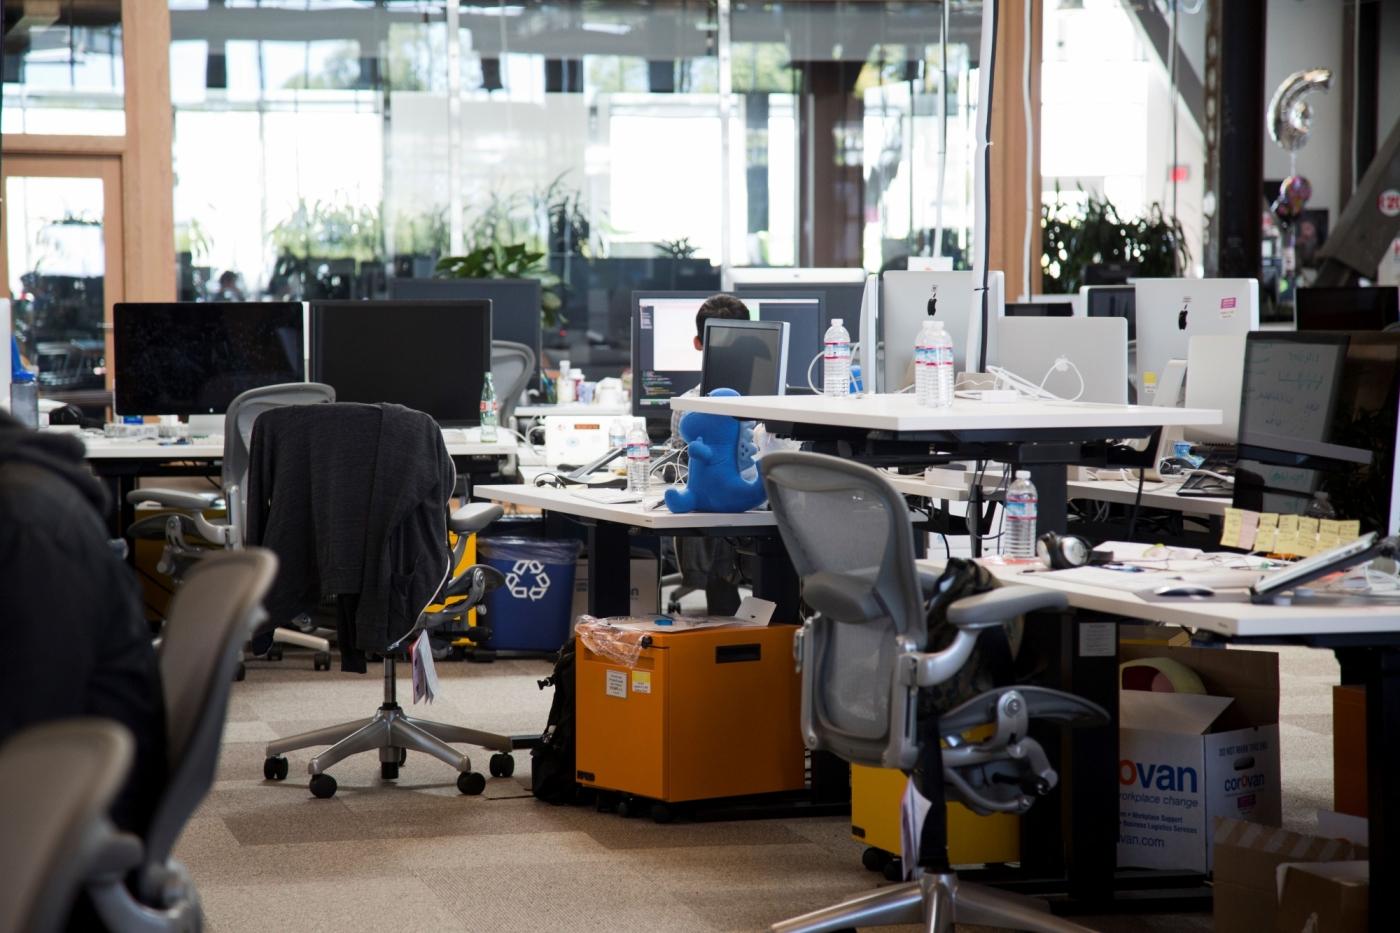 遠端工作影響效率?疫情激發社群巨擘WFH,辦公室空了、全球人才卻來了